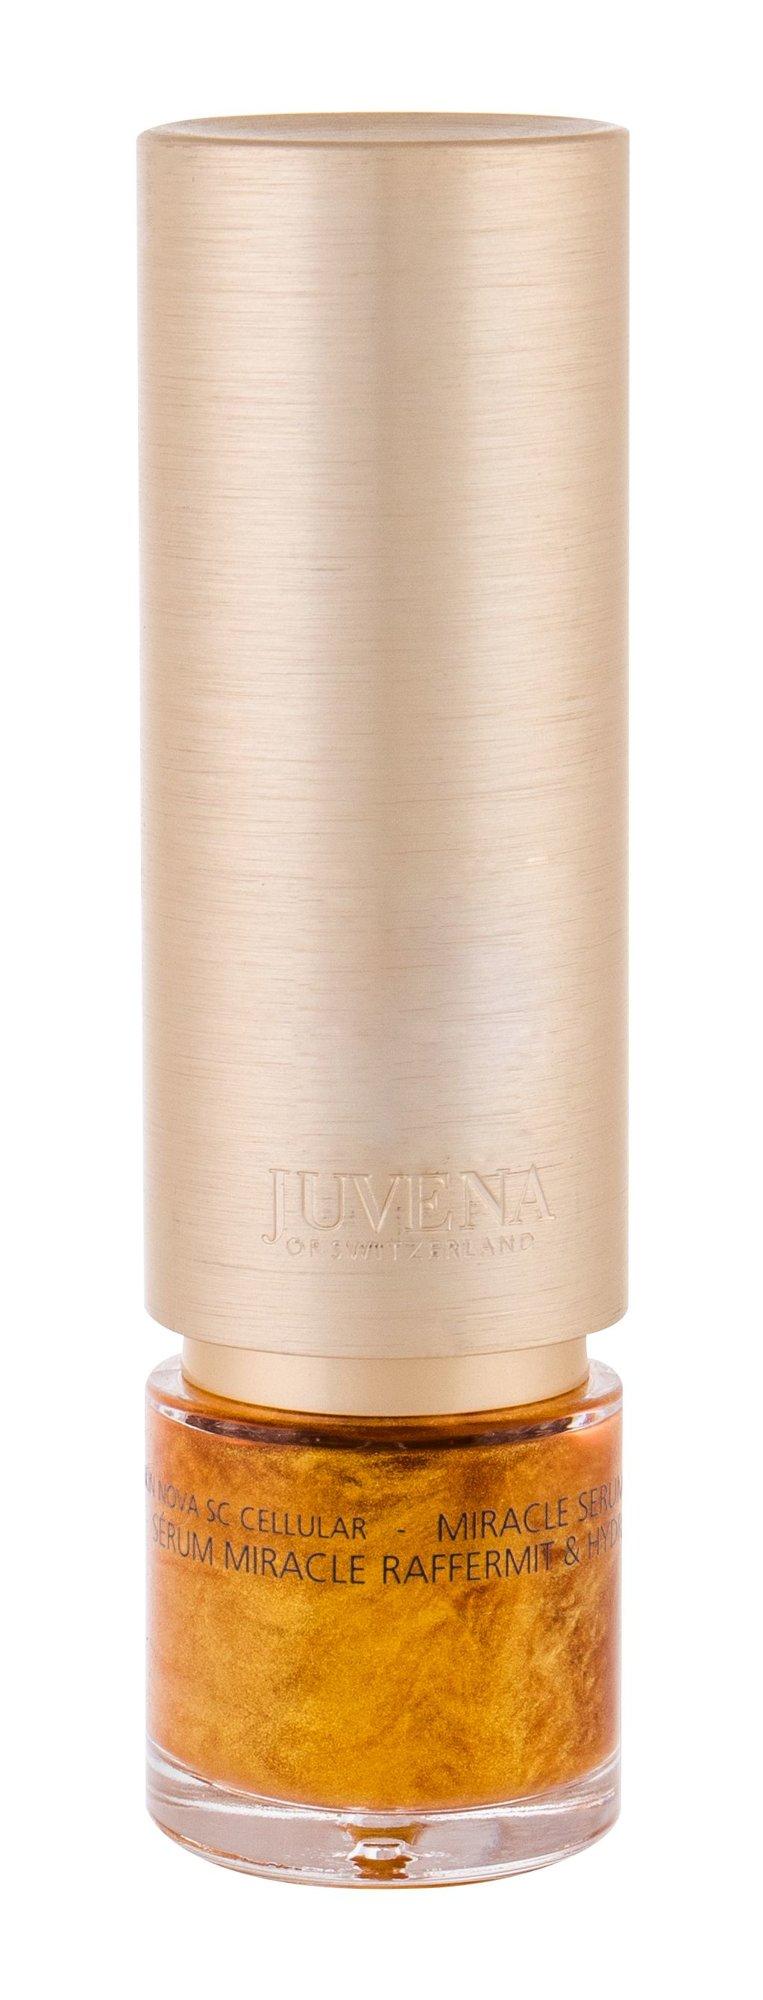 Juvena Skin Specialists Skin Serum 30ml